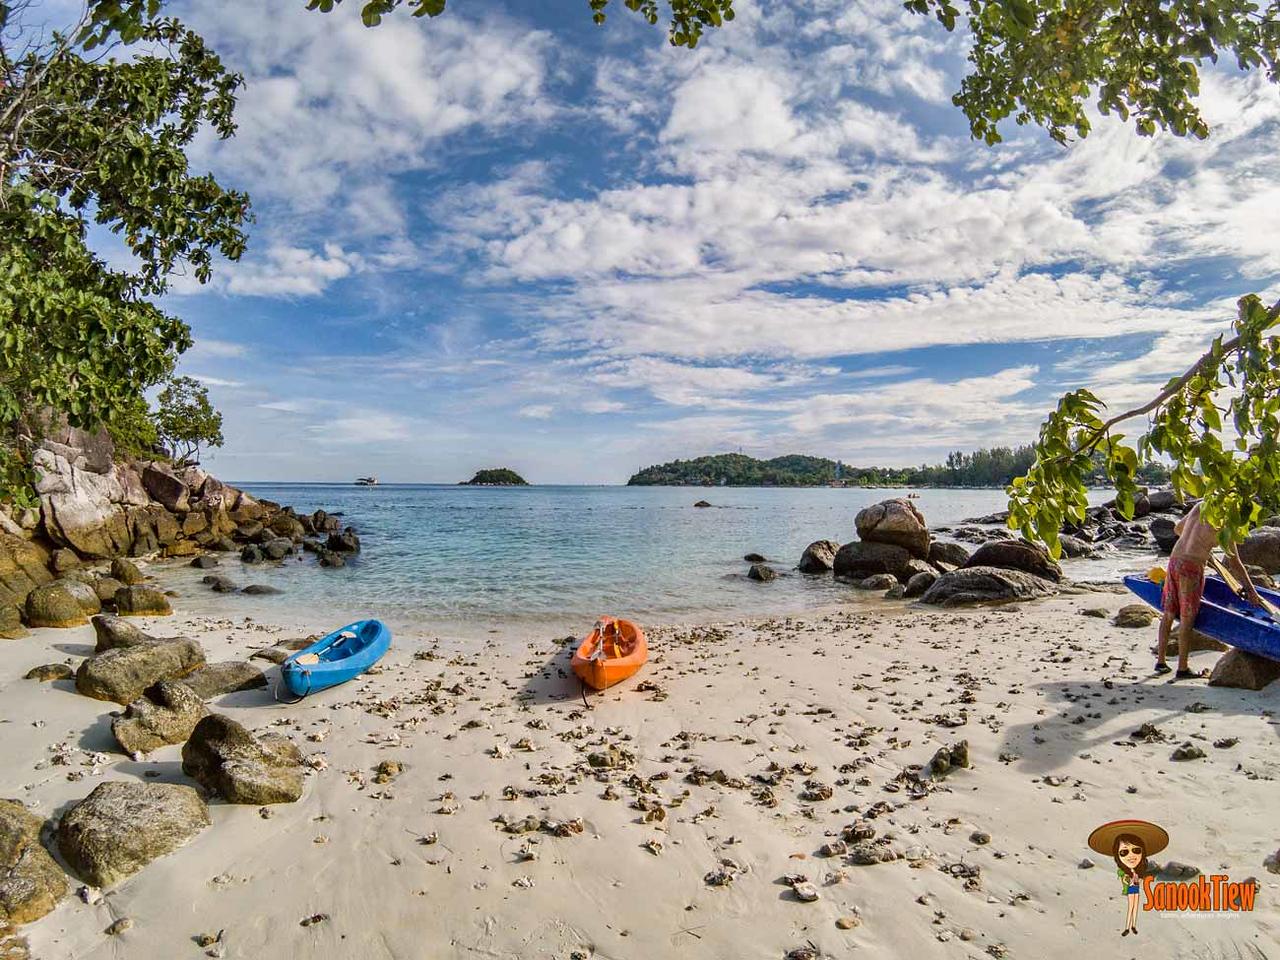 เกาะกละ หาดเป็นปะการังนะคะ ไม่แนะนำให้เดินเท้าเปล่า ได้แผลแน่นอนค่ะ